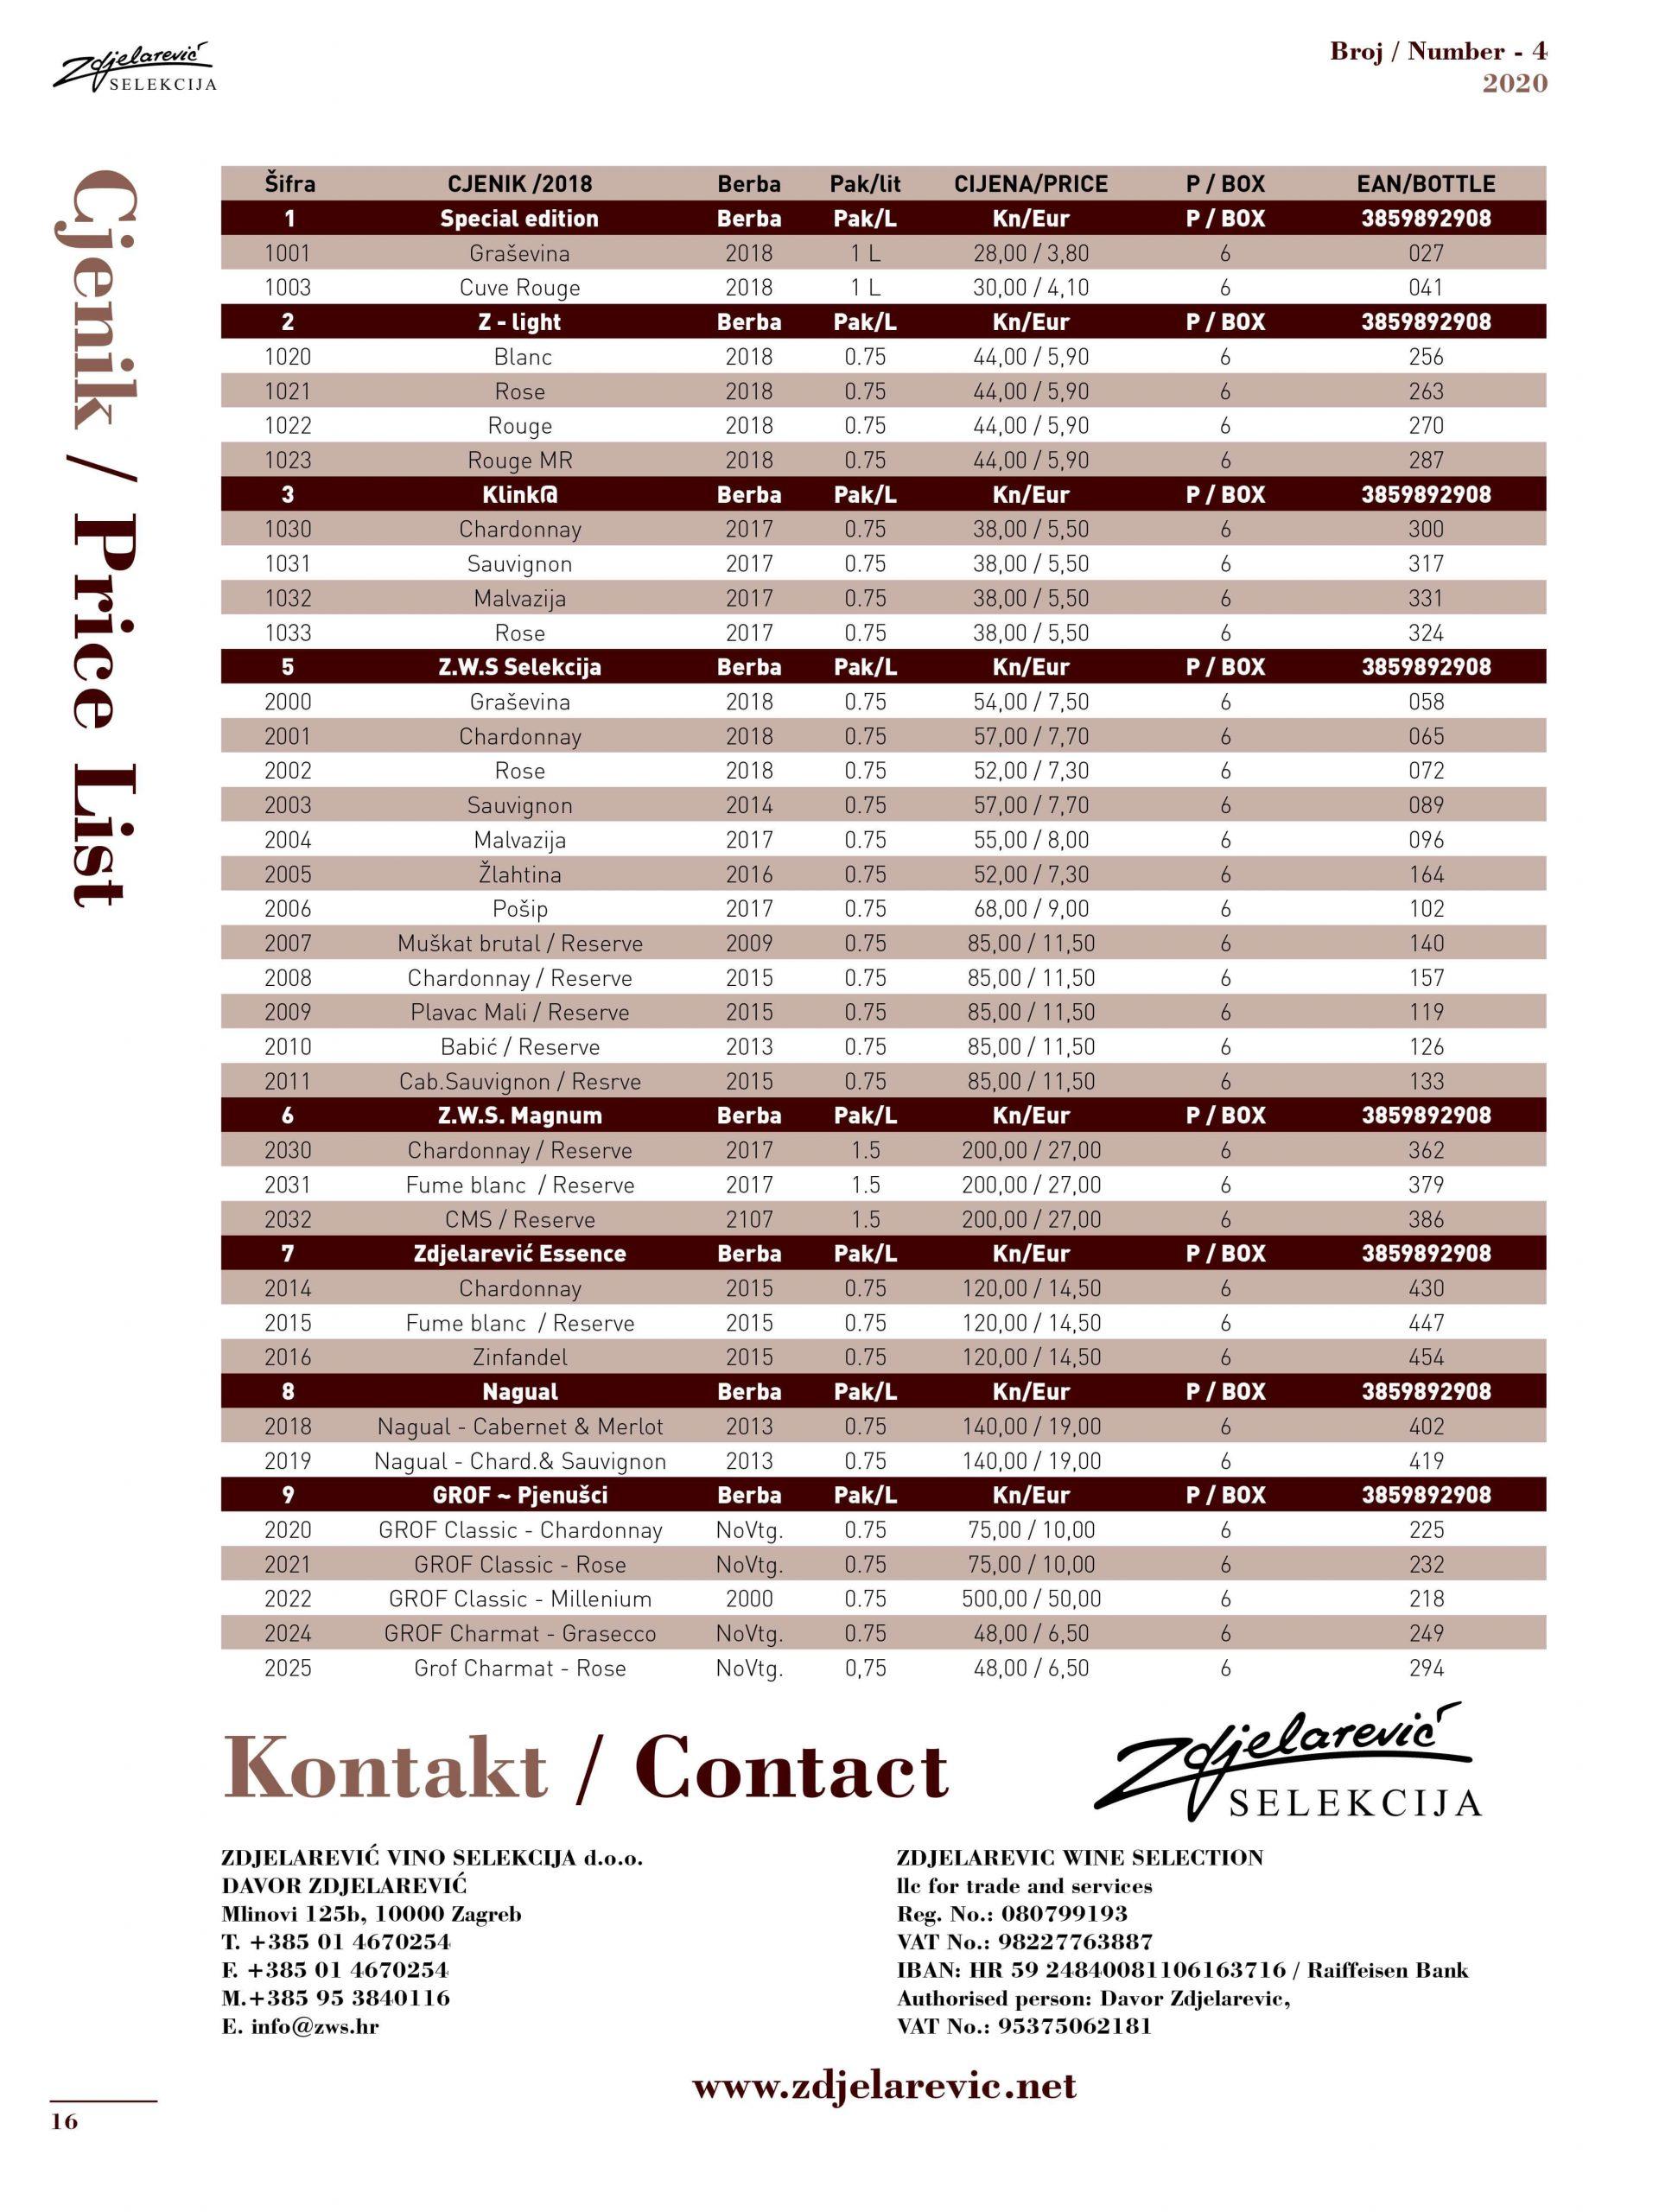 Katalog i cjenik - Zdjelarević Vino